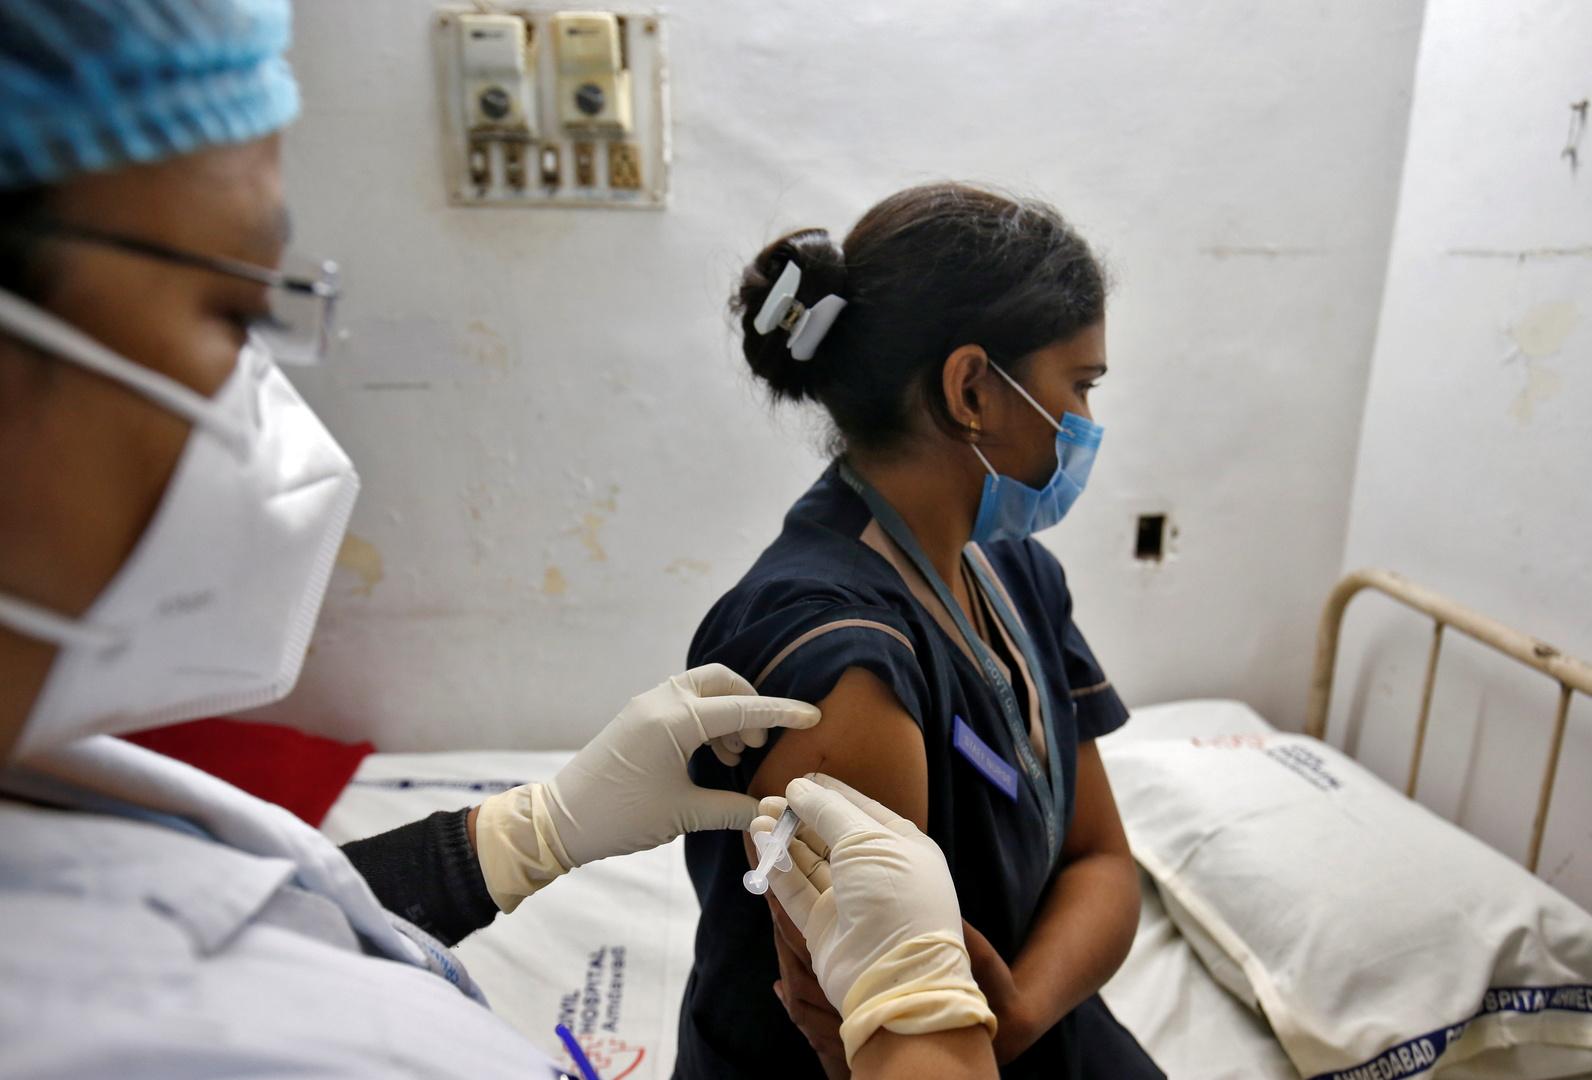 الهند تستعد لتطعيم 300 مليون شخص